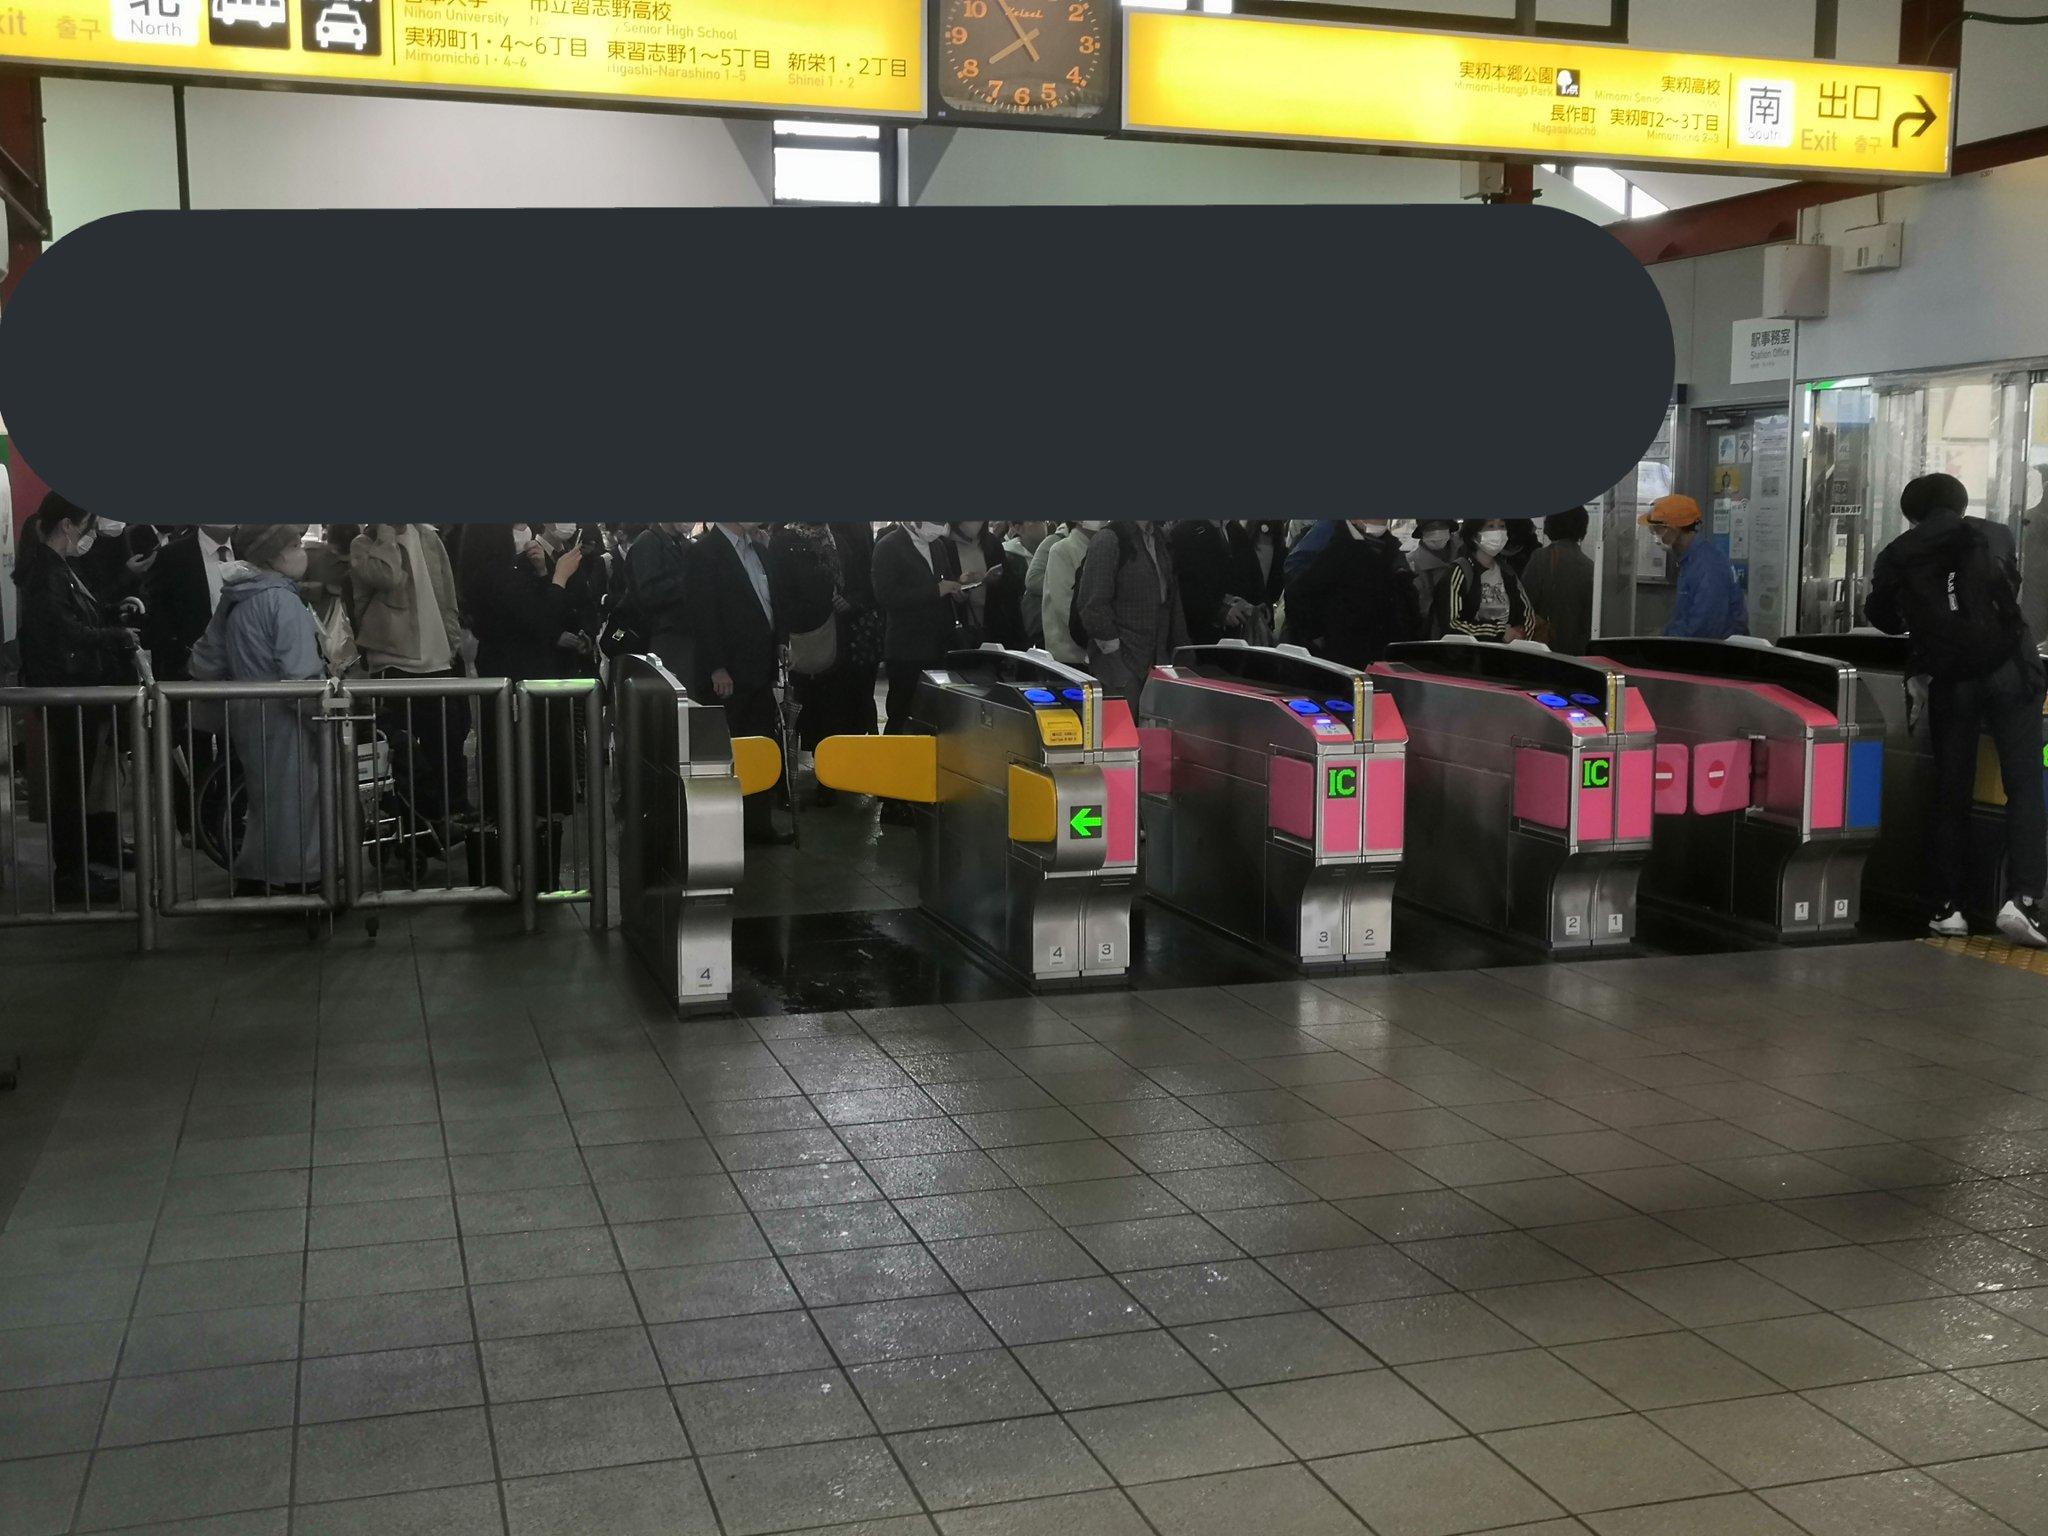 実籾駅に入場規制が掛かっている現場の画像